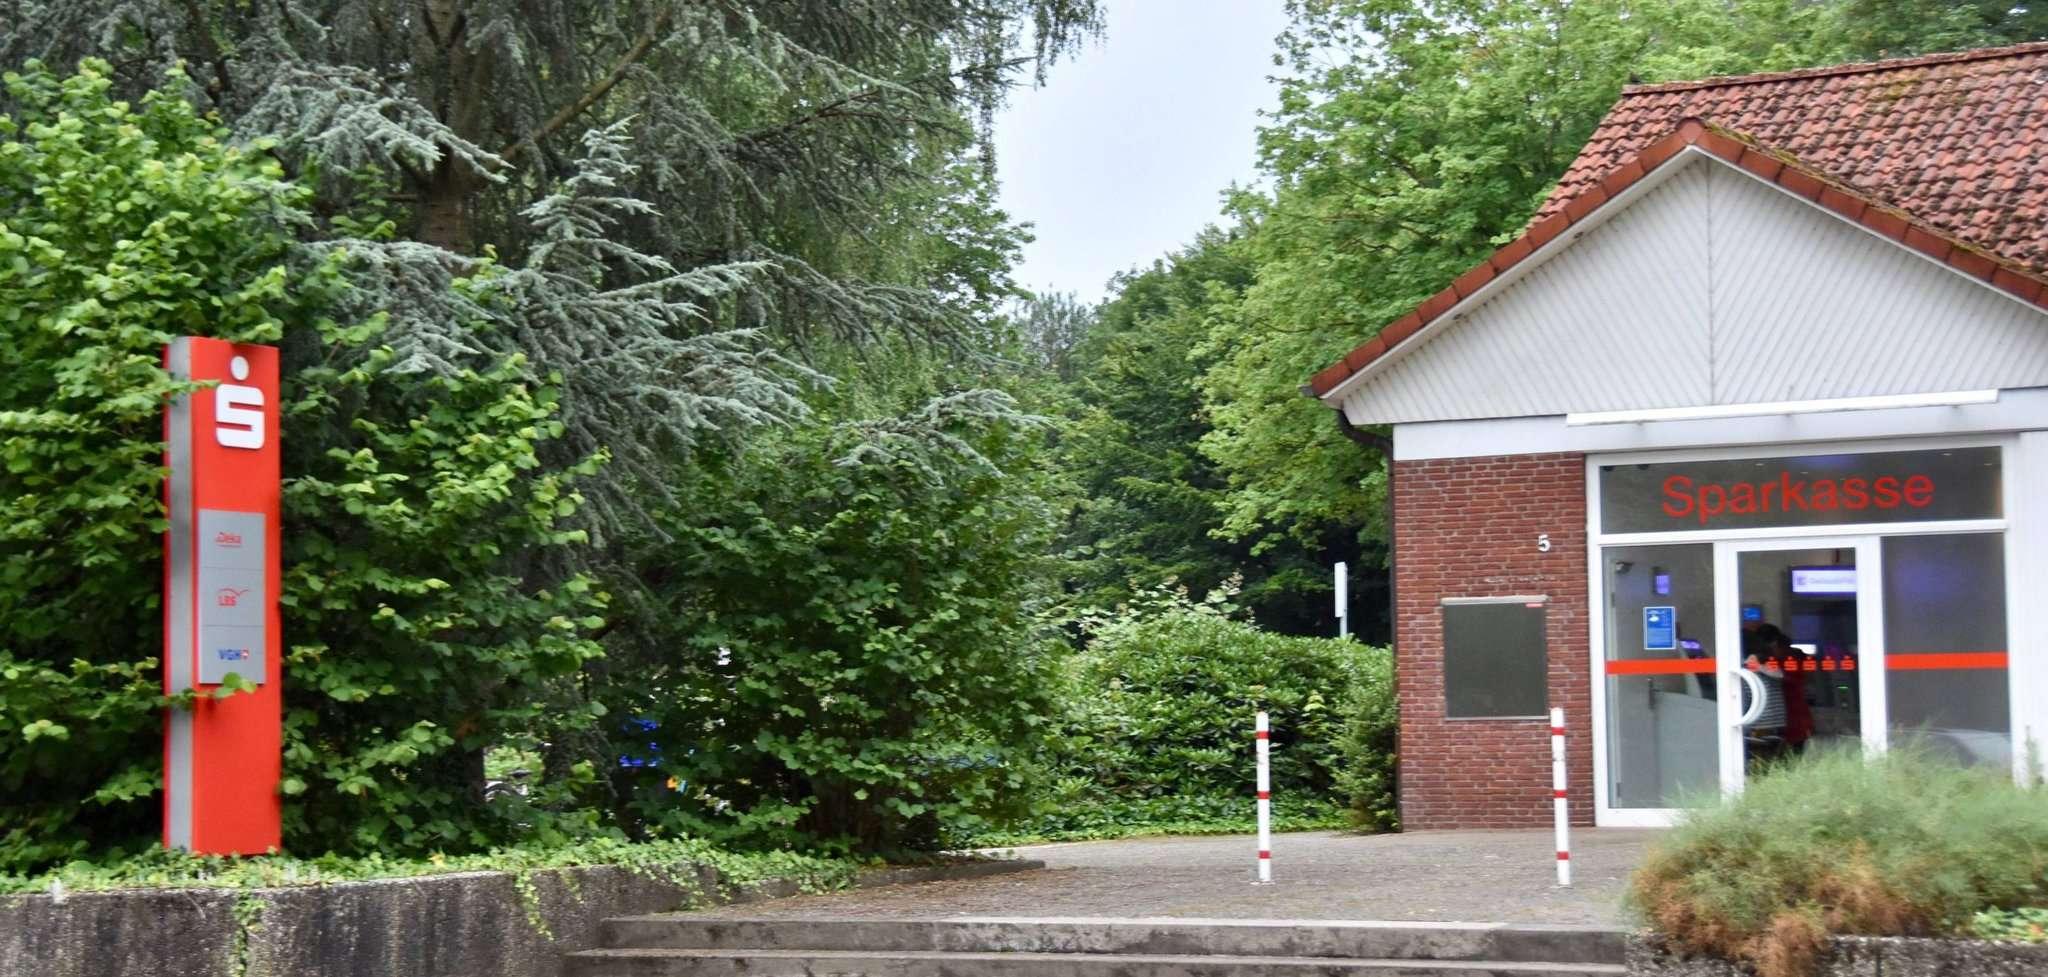 Die ehemalige Sparkasse wird nun umgebaut, zwei Kindergartengruppen werden ab 2022 hier zu Hause sein. Foto: Judith Tausendfreund